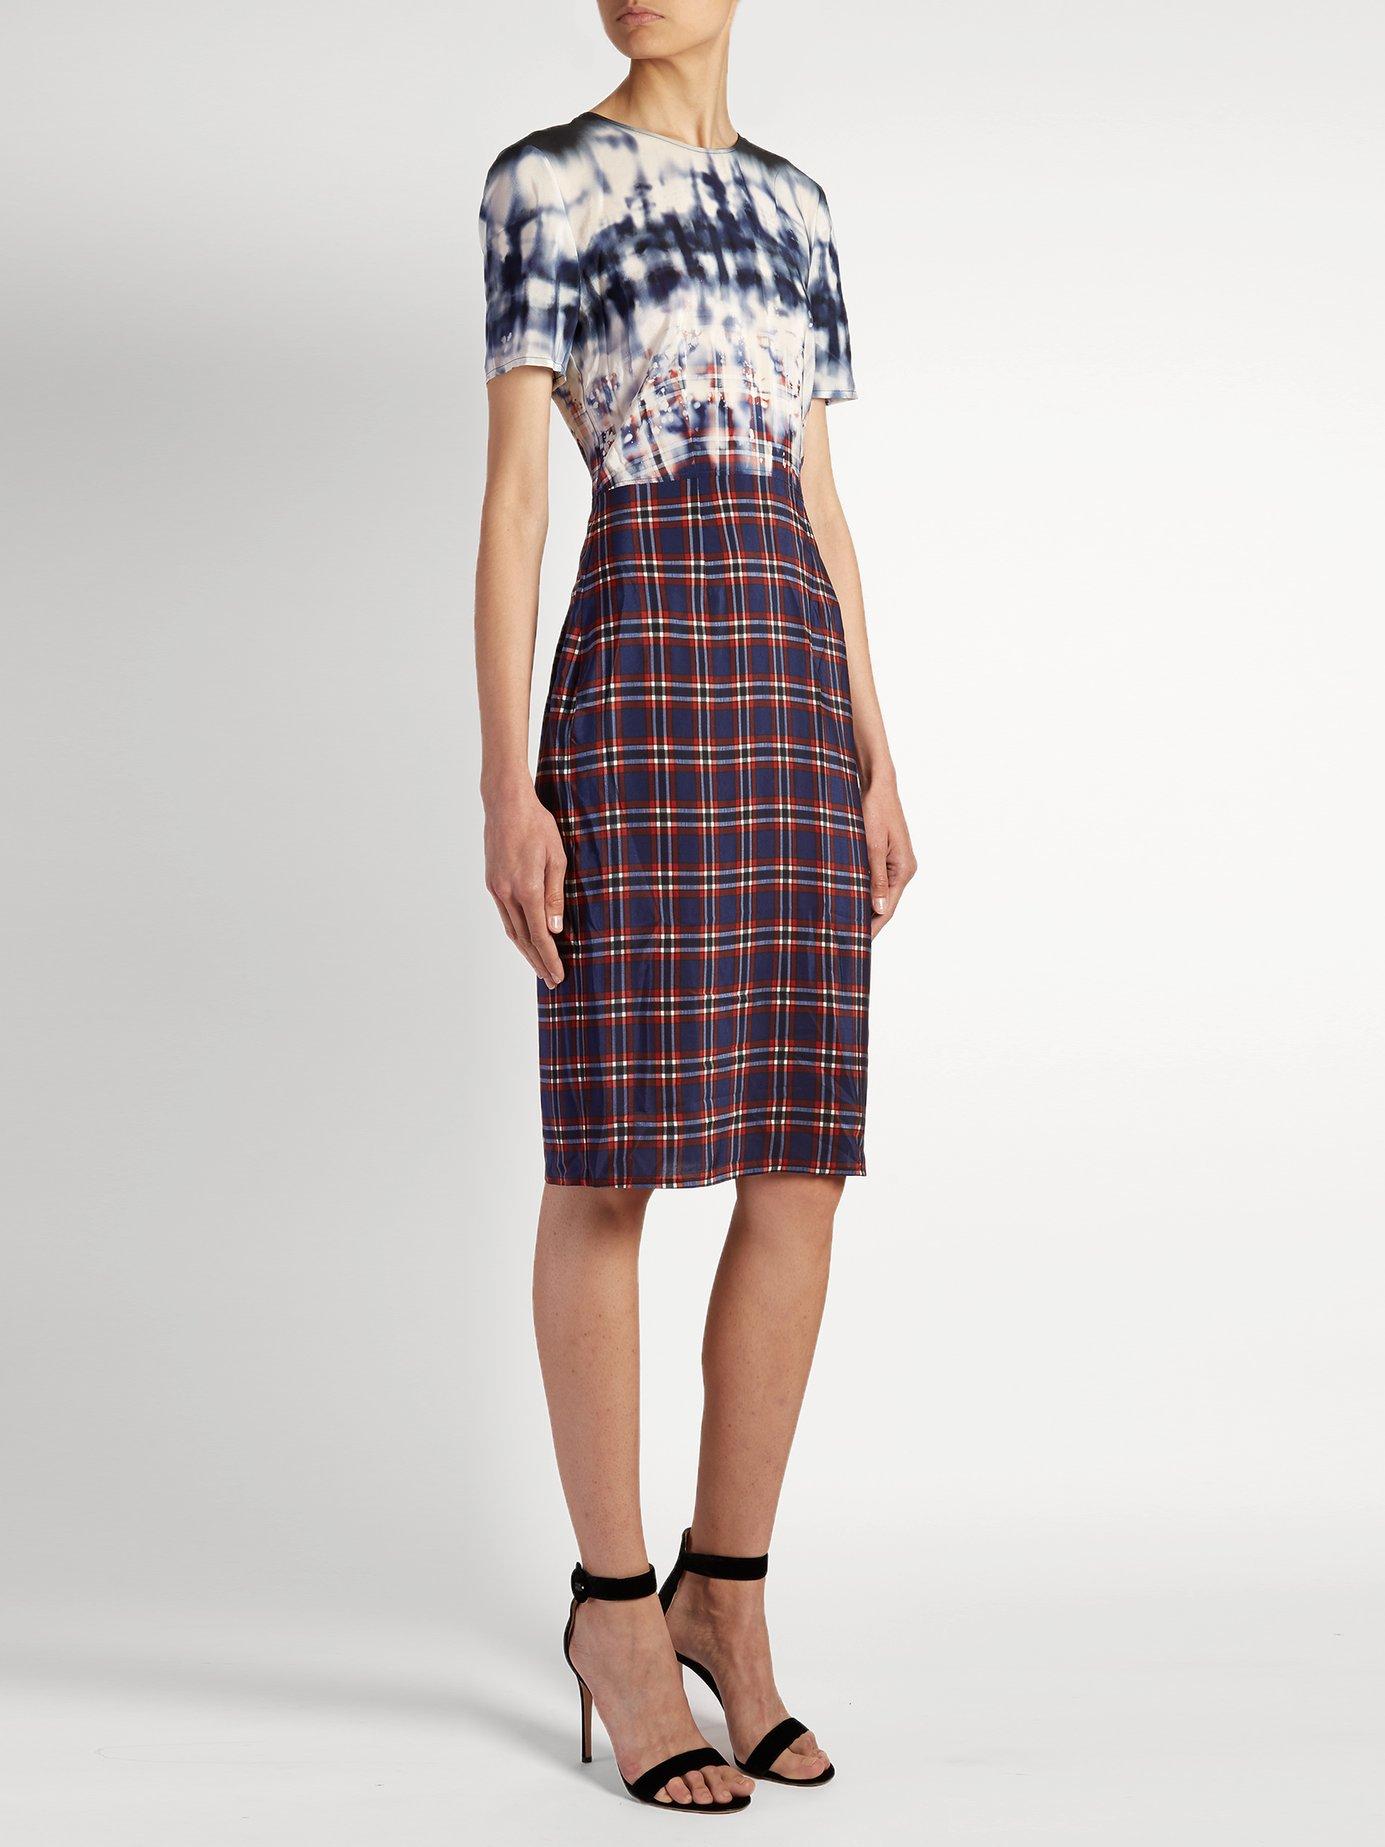 Glaze tie-dye and checked dress by Altuzarra